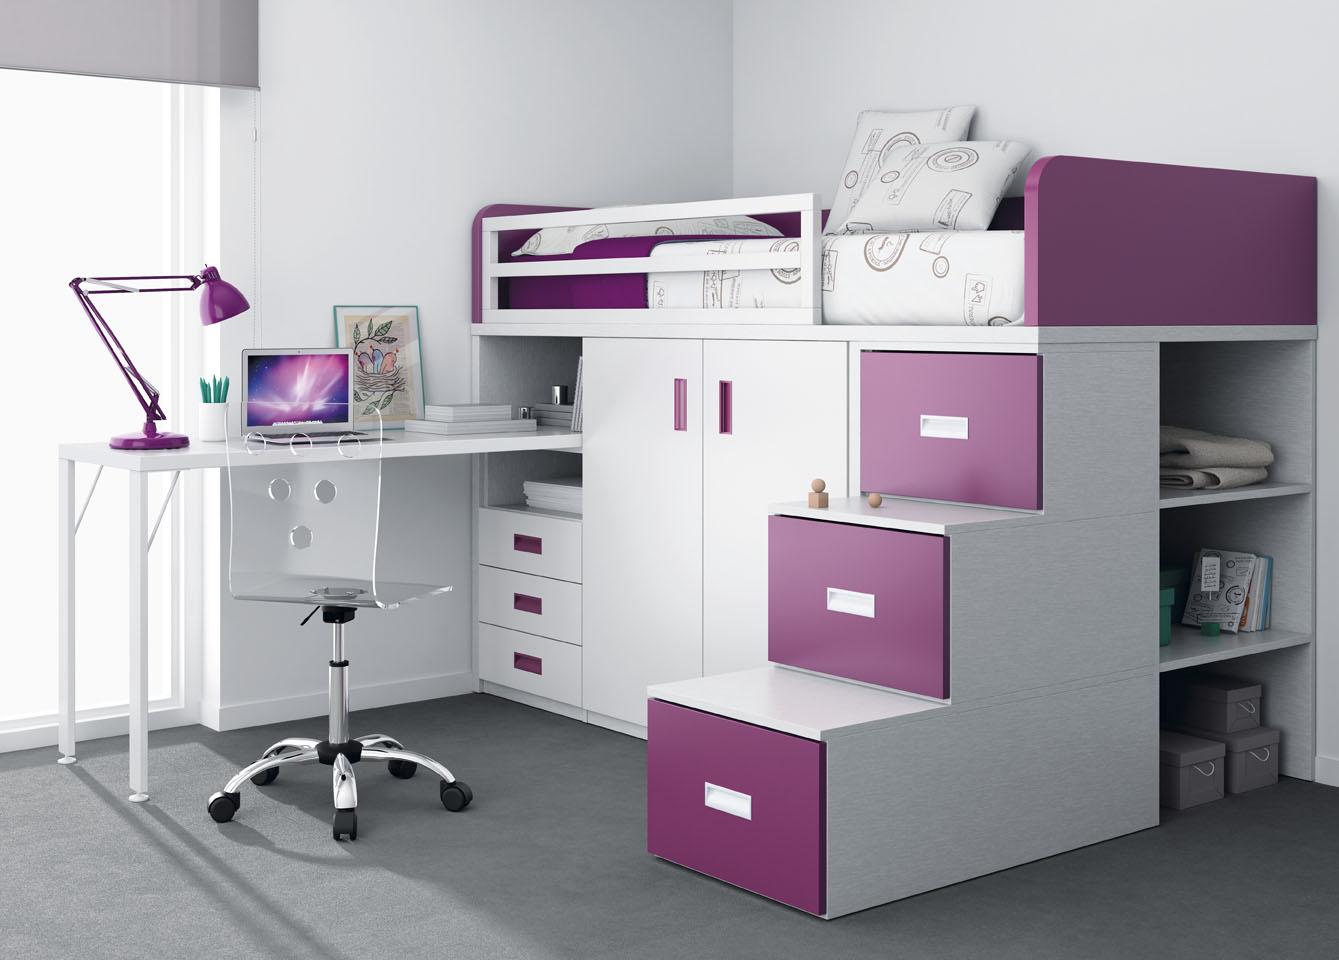 Literas muebles ros - Cama con escritorio abajo ...